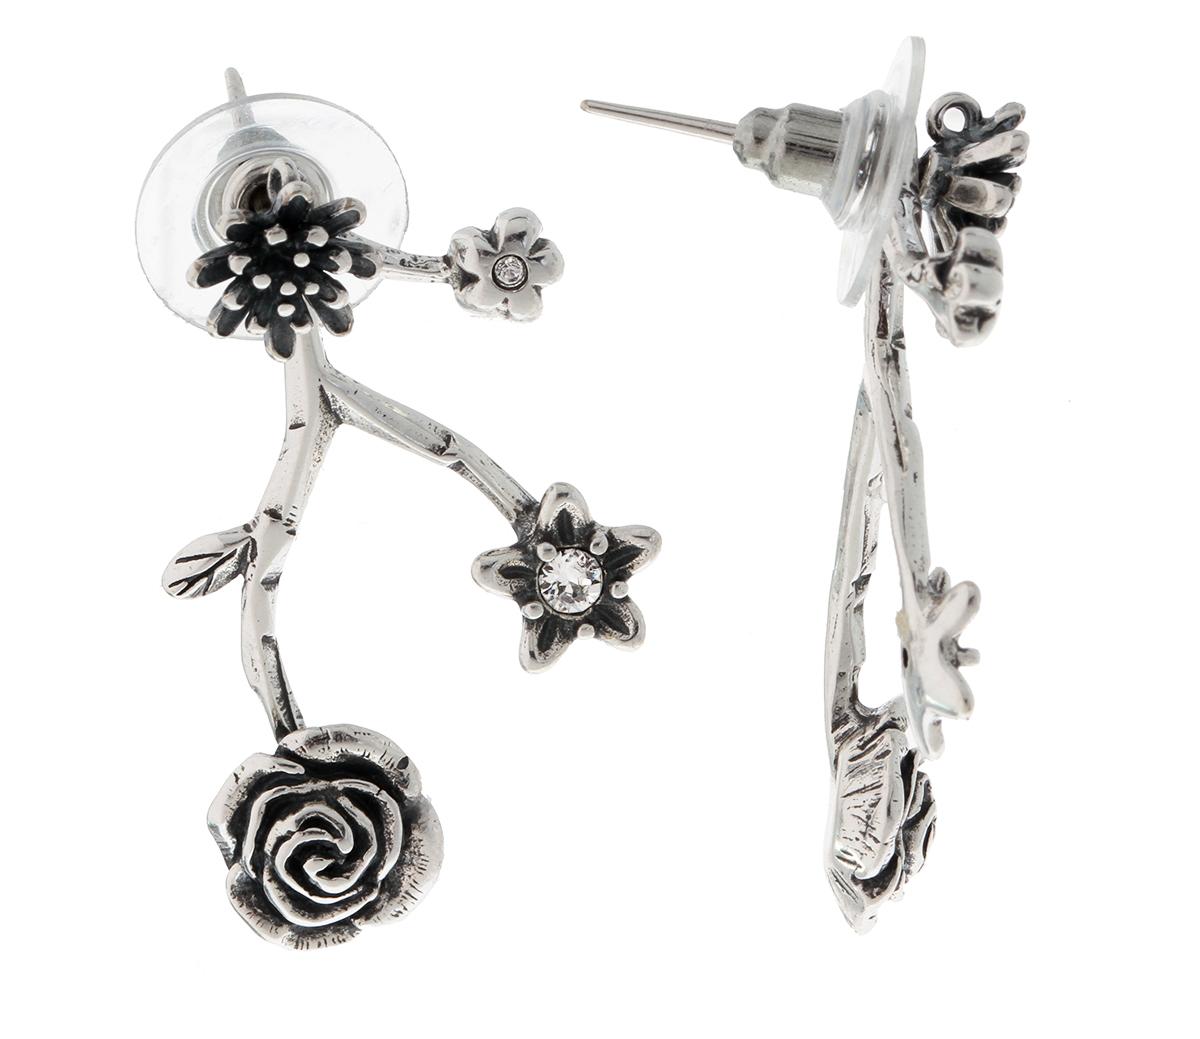 Серьги женские Jenavi Неббиа, цвет: серебро, белый. f7063800f7063800Коллекция Tenerezza, Неббиа (Пуссеты) гипоаллергенный ювелирный сплав,Черненое серебро, вставка Кристаллы Swarovski , цвет - серебро, белый